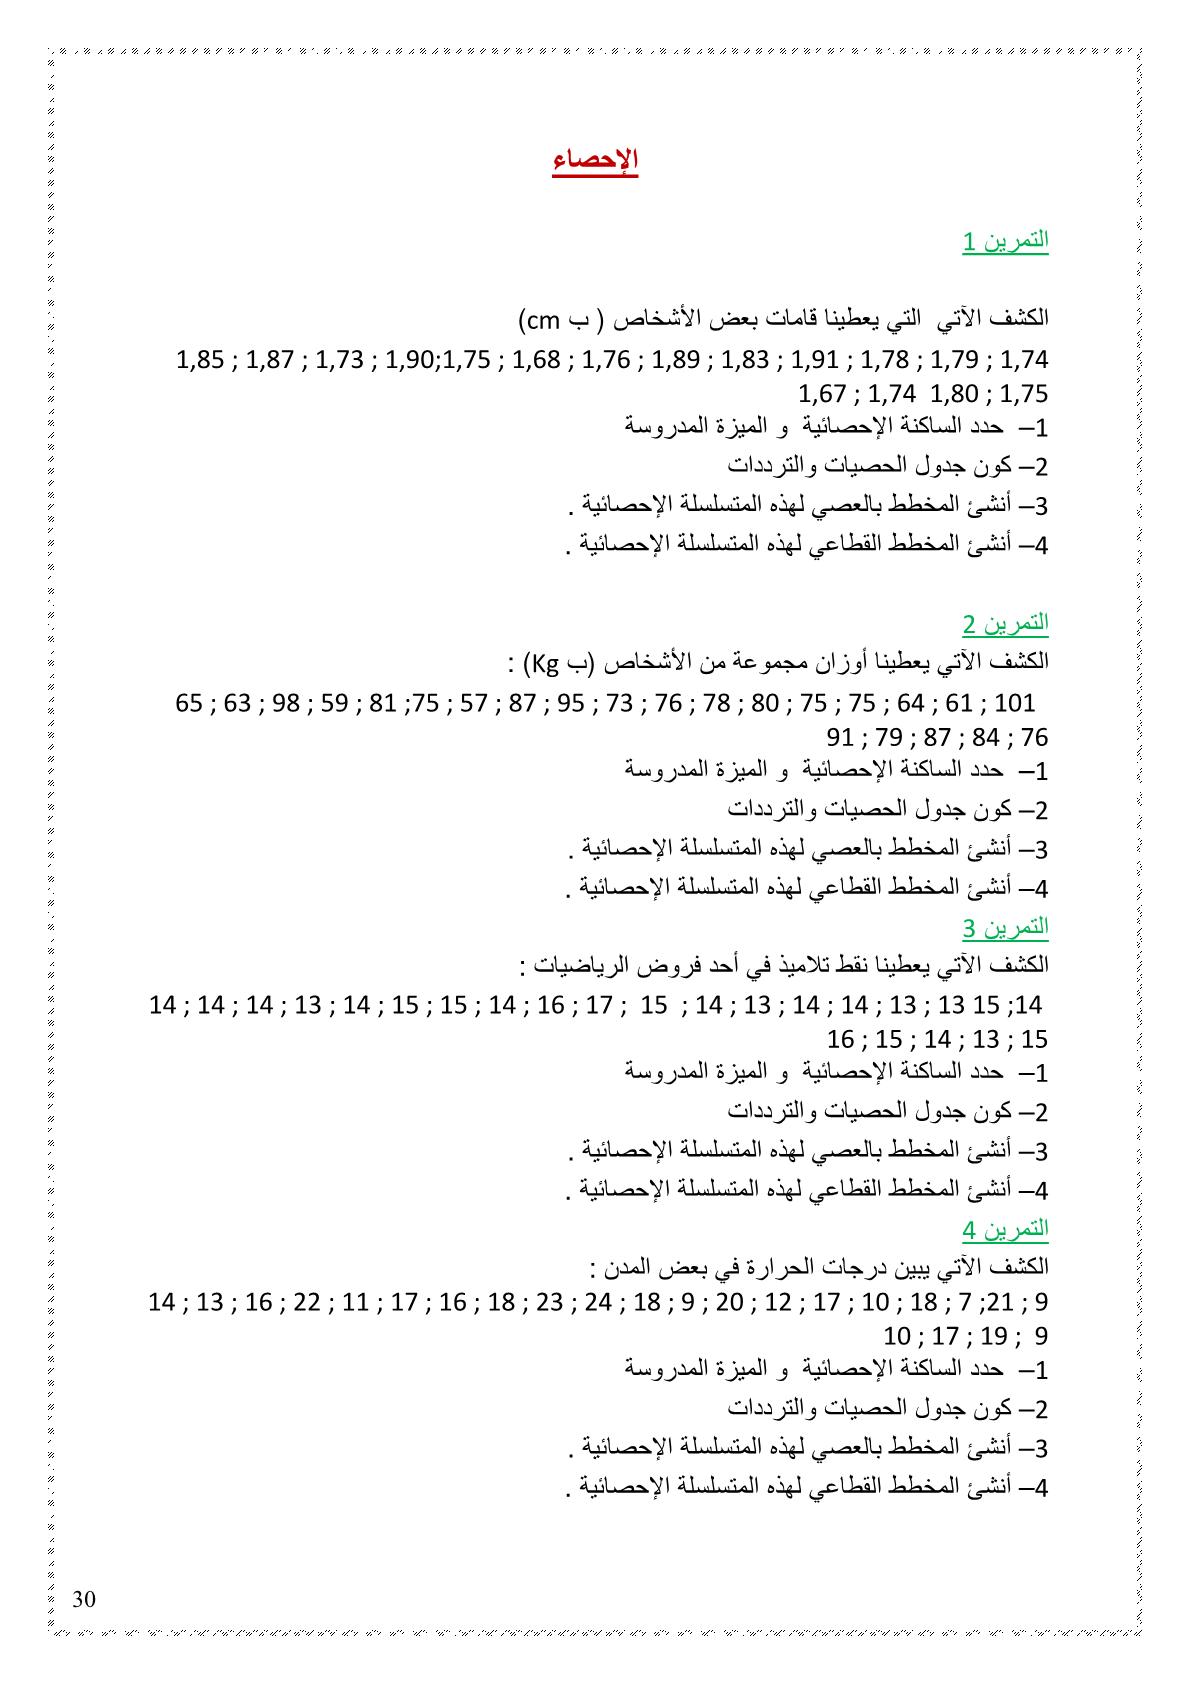 تمارين الإحصاء مادة الرياضيات للسنة الاولى اعدادي مع التصحيح